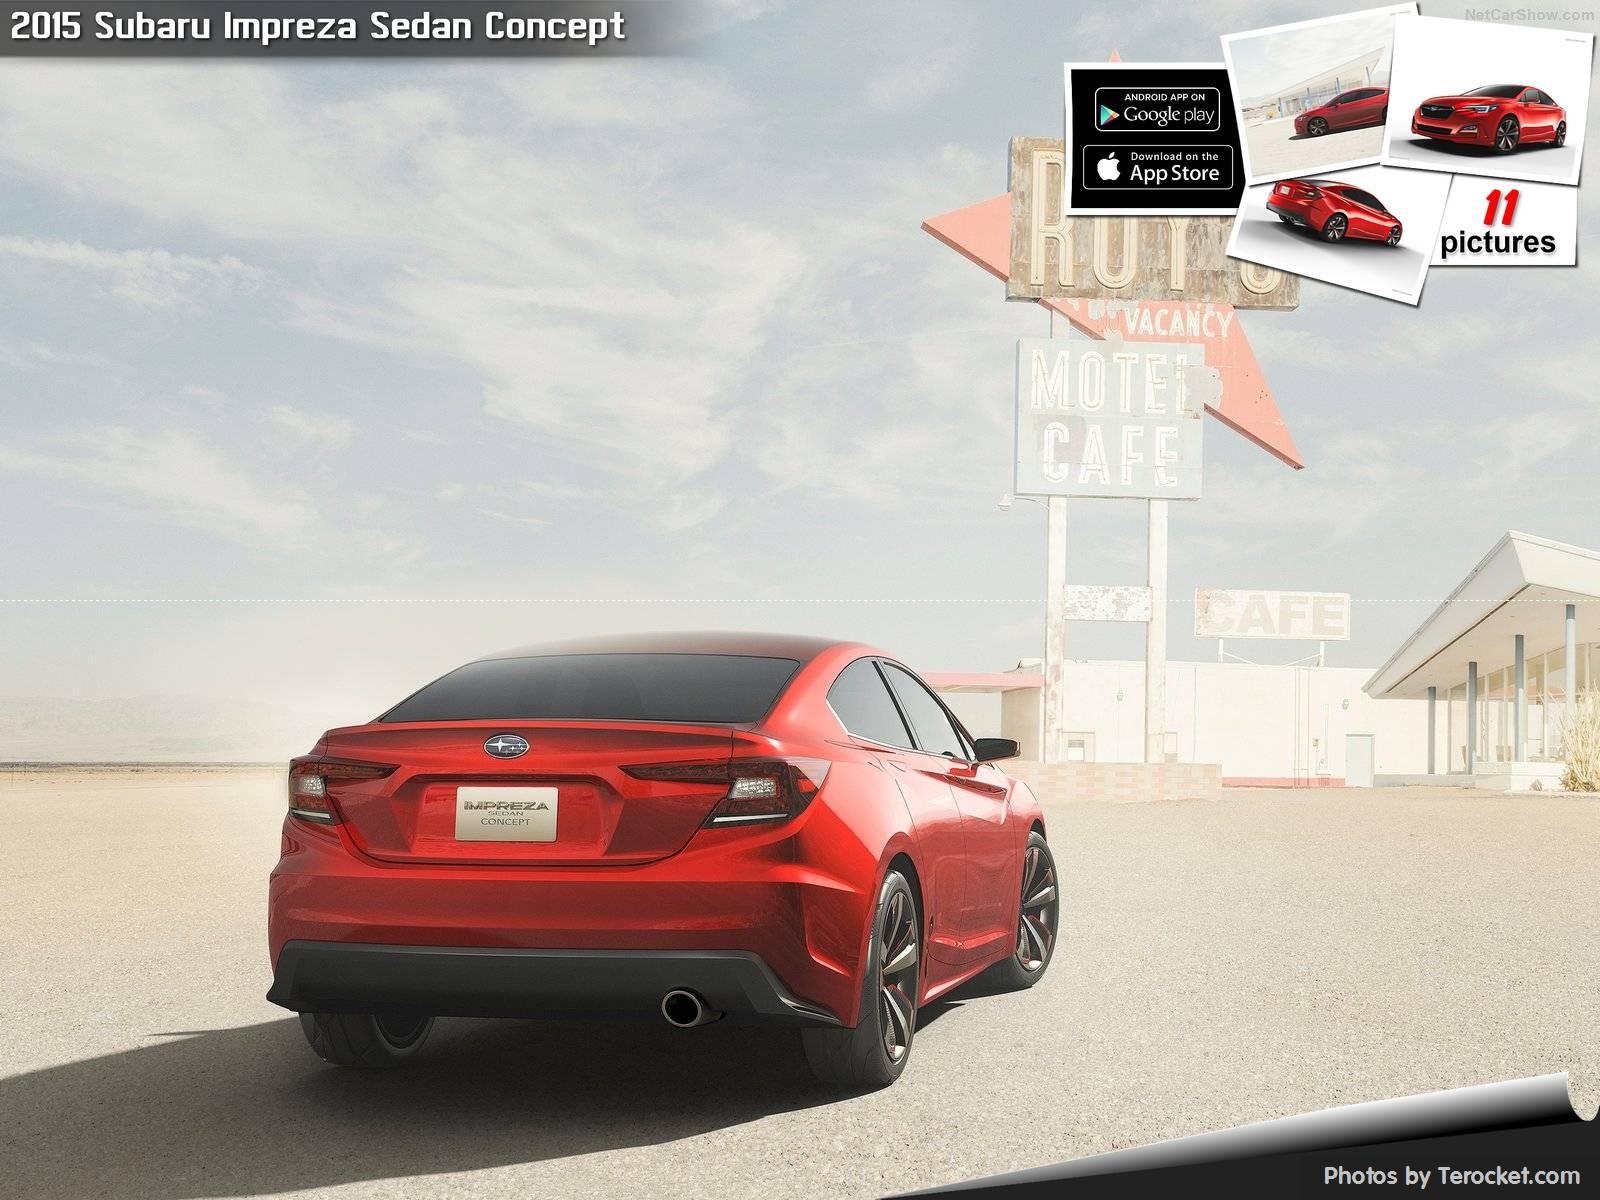 Hình ảnh xe ô tô Subaru Impreza Sedan Concept 2015 & nội ngoại thất